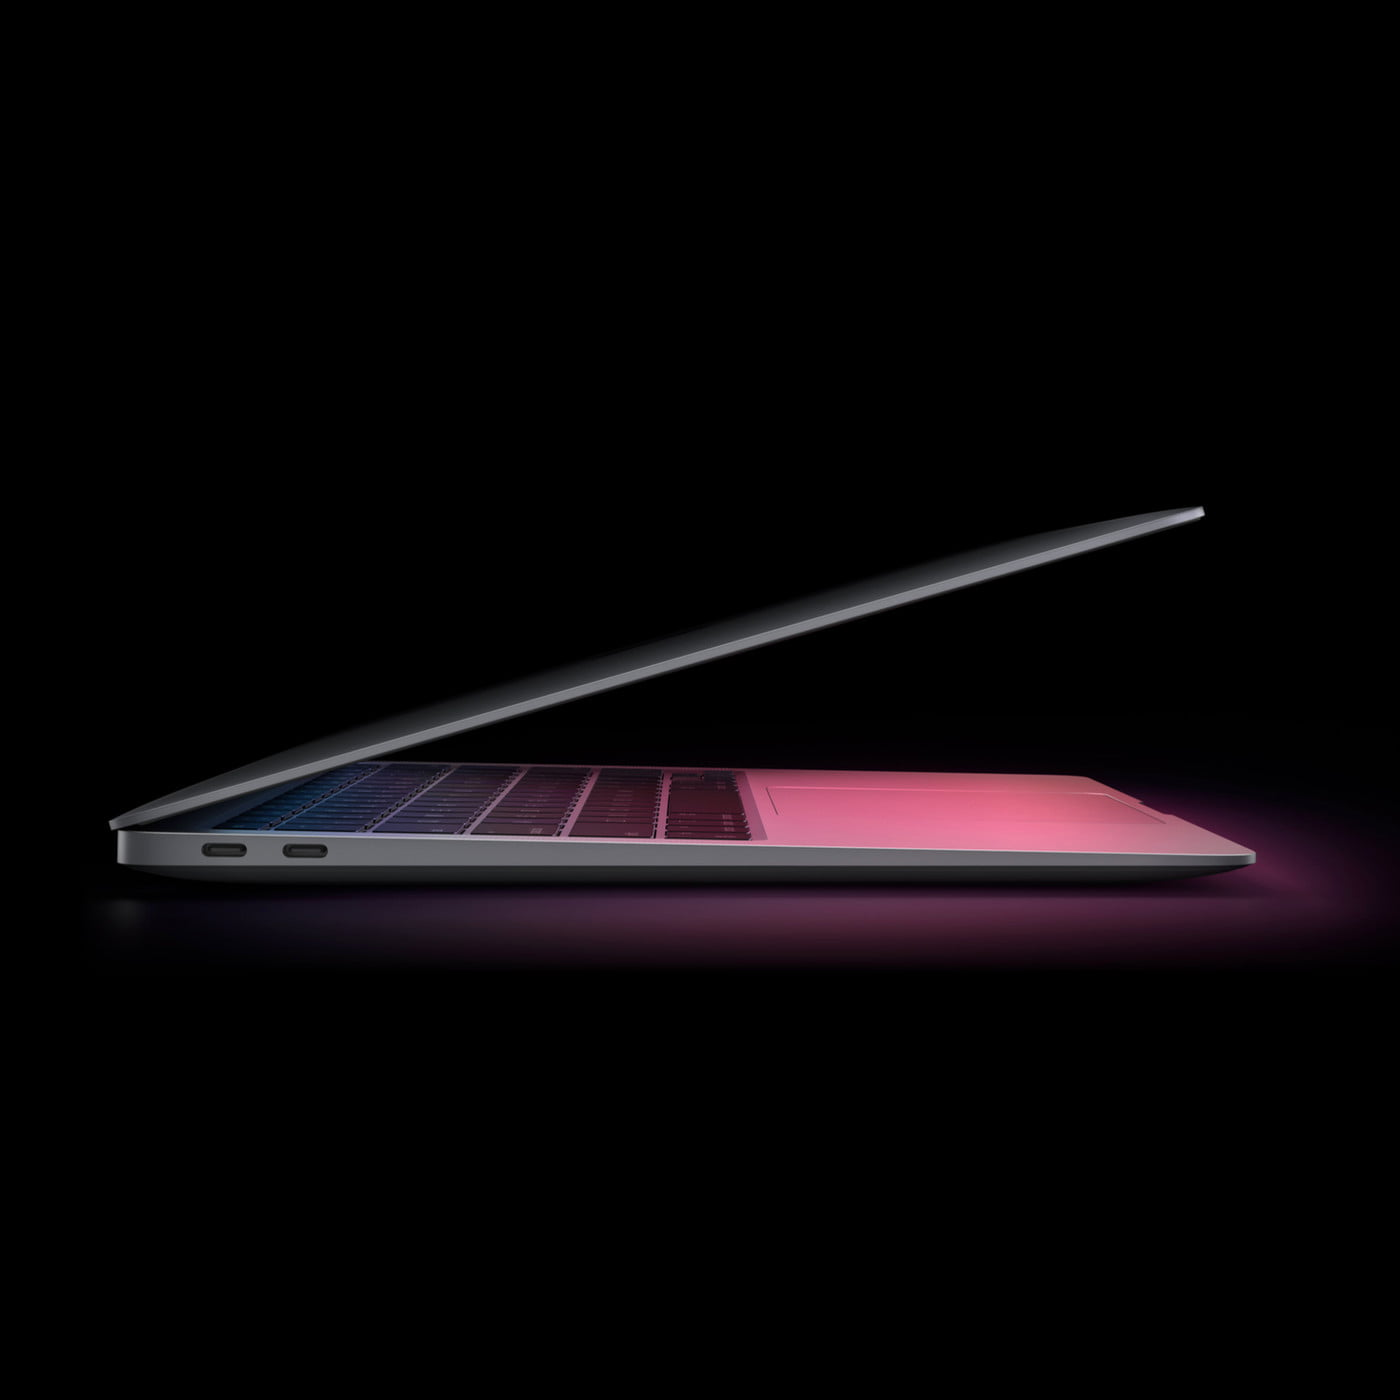 Kierunek premium, czyli wielkie zmiany w MacBook Air 2021